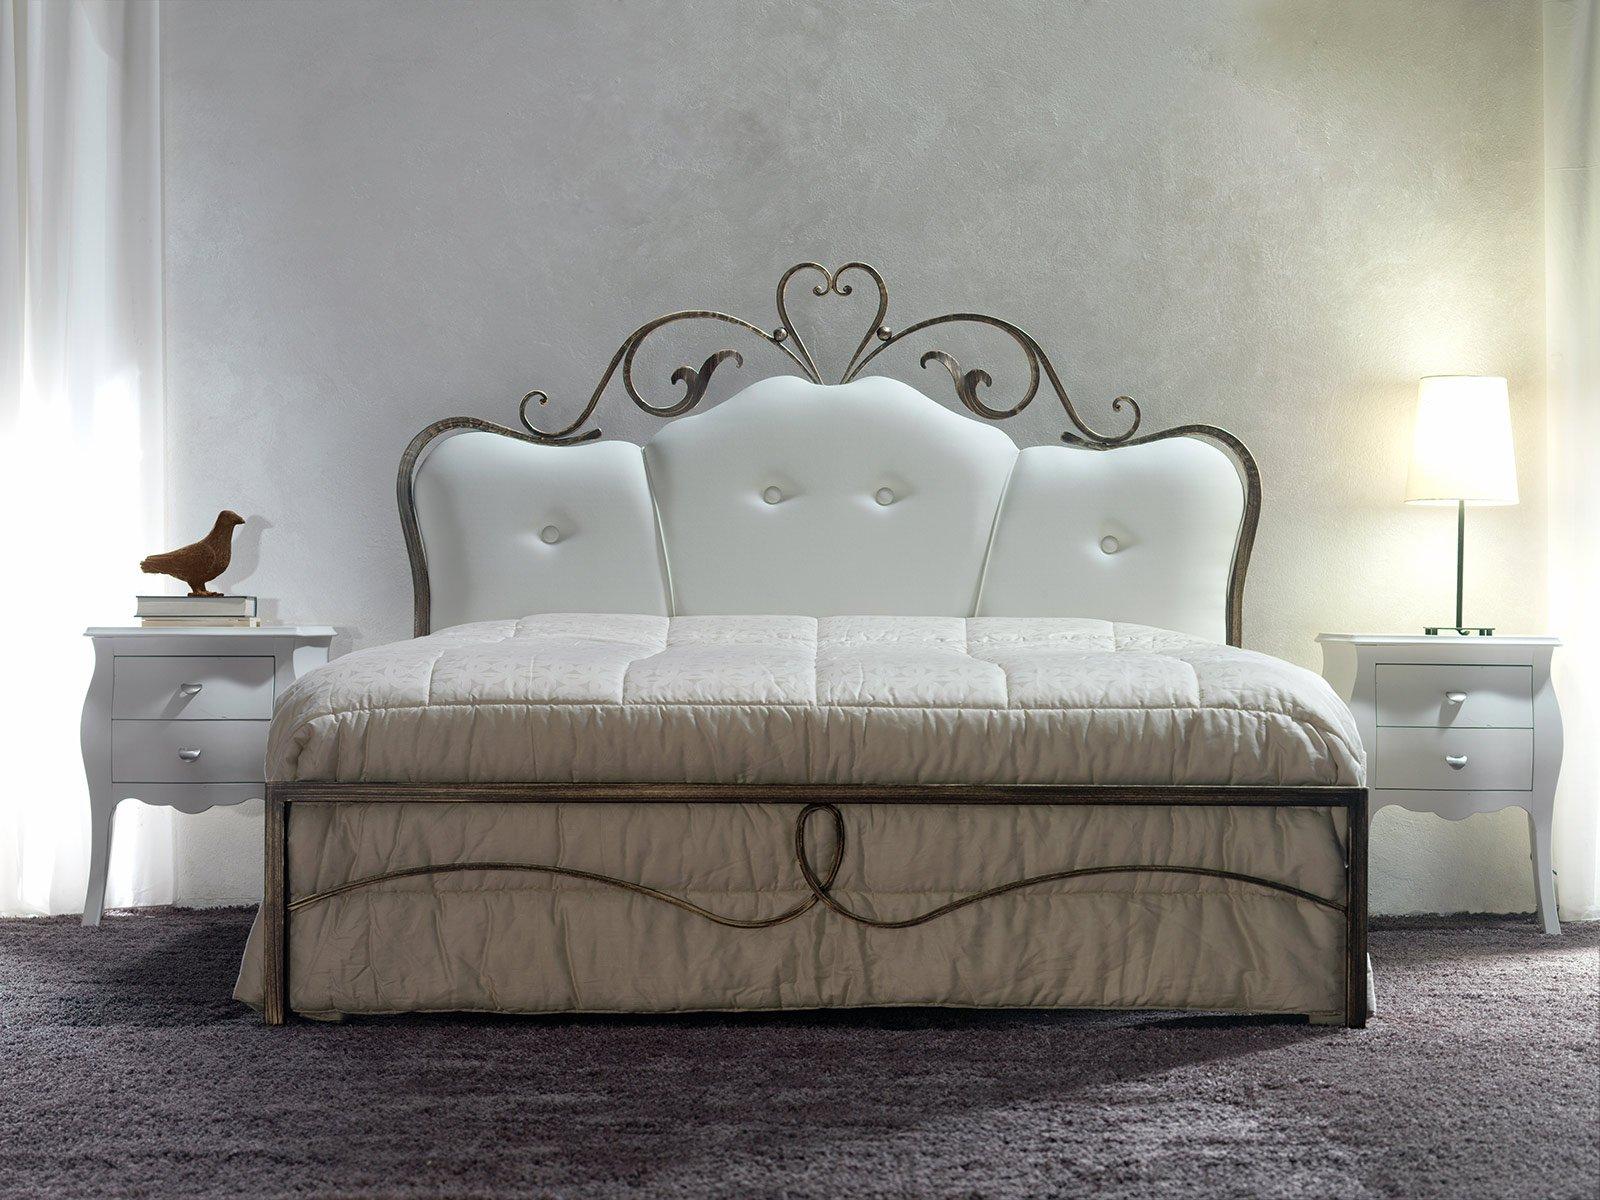 Letti imbottiti capitonn in versione classica cose di casa - Testate di letto imbottite ...